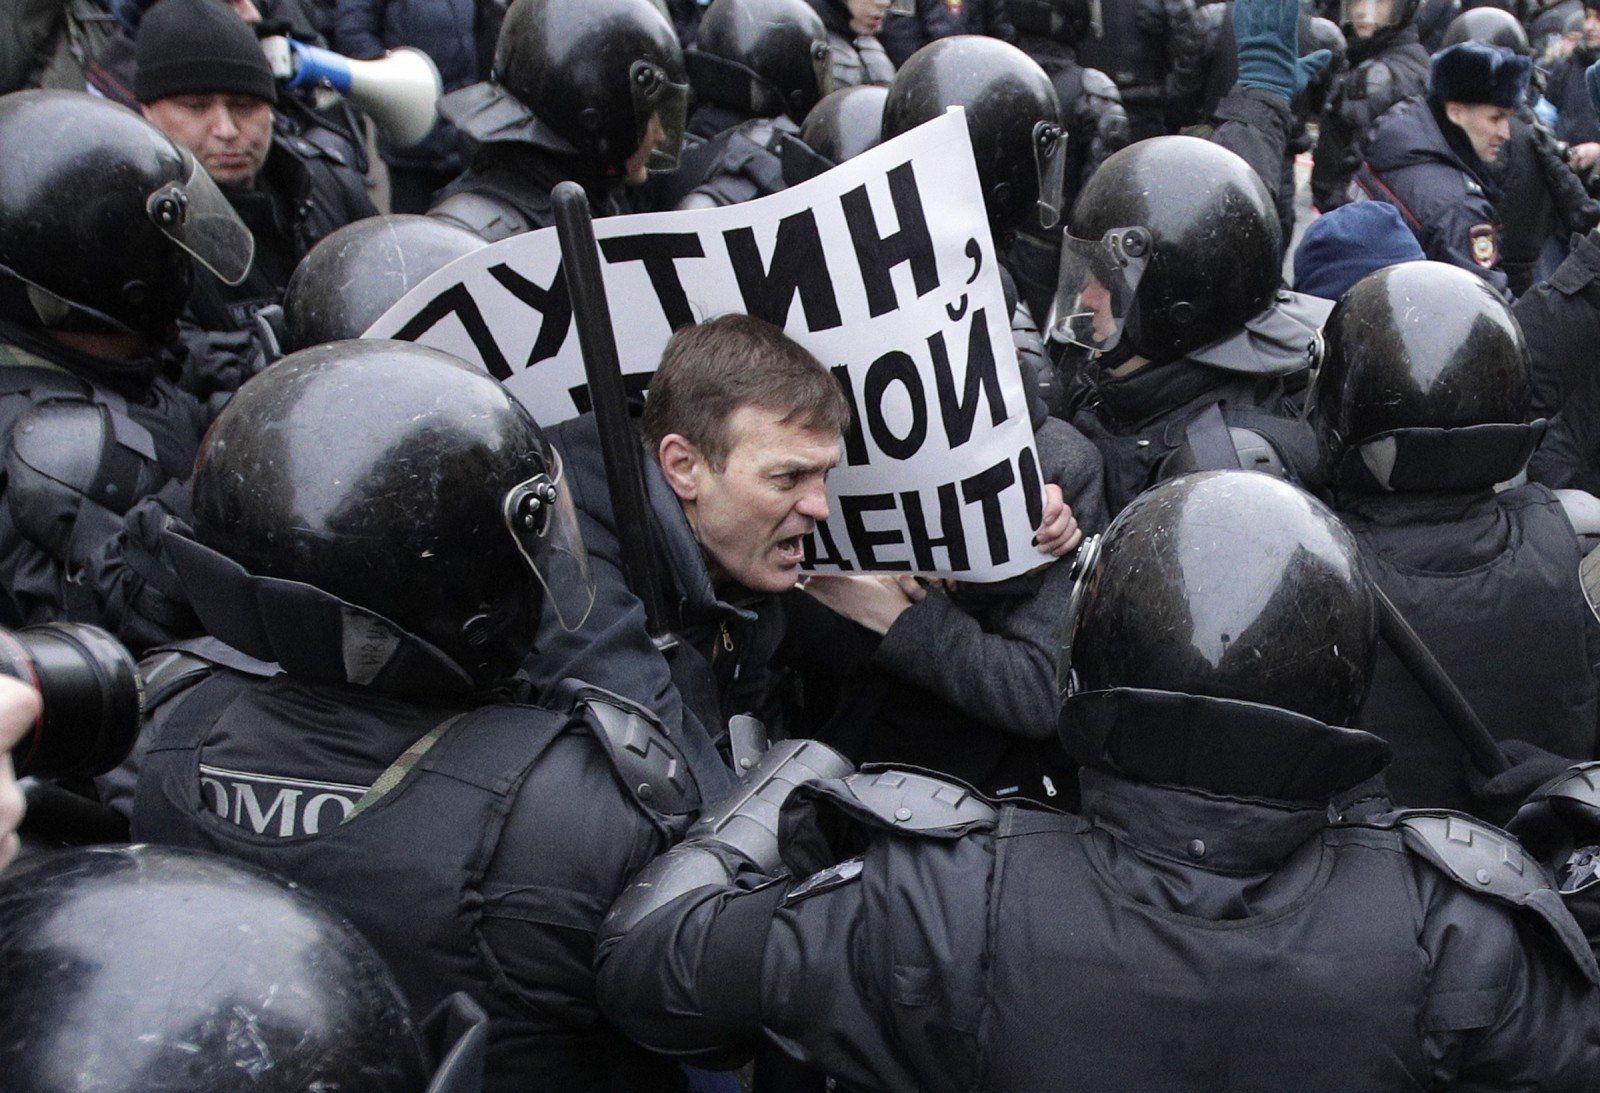 Накануне масштабного митинга в России 23 января МВД собирает сотрудников под смешным предлогом